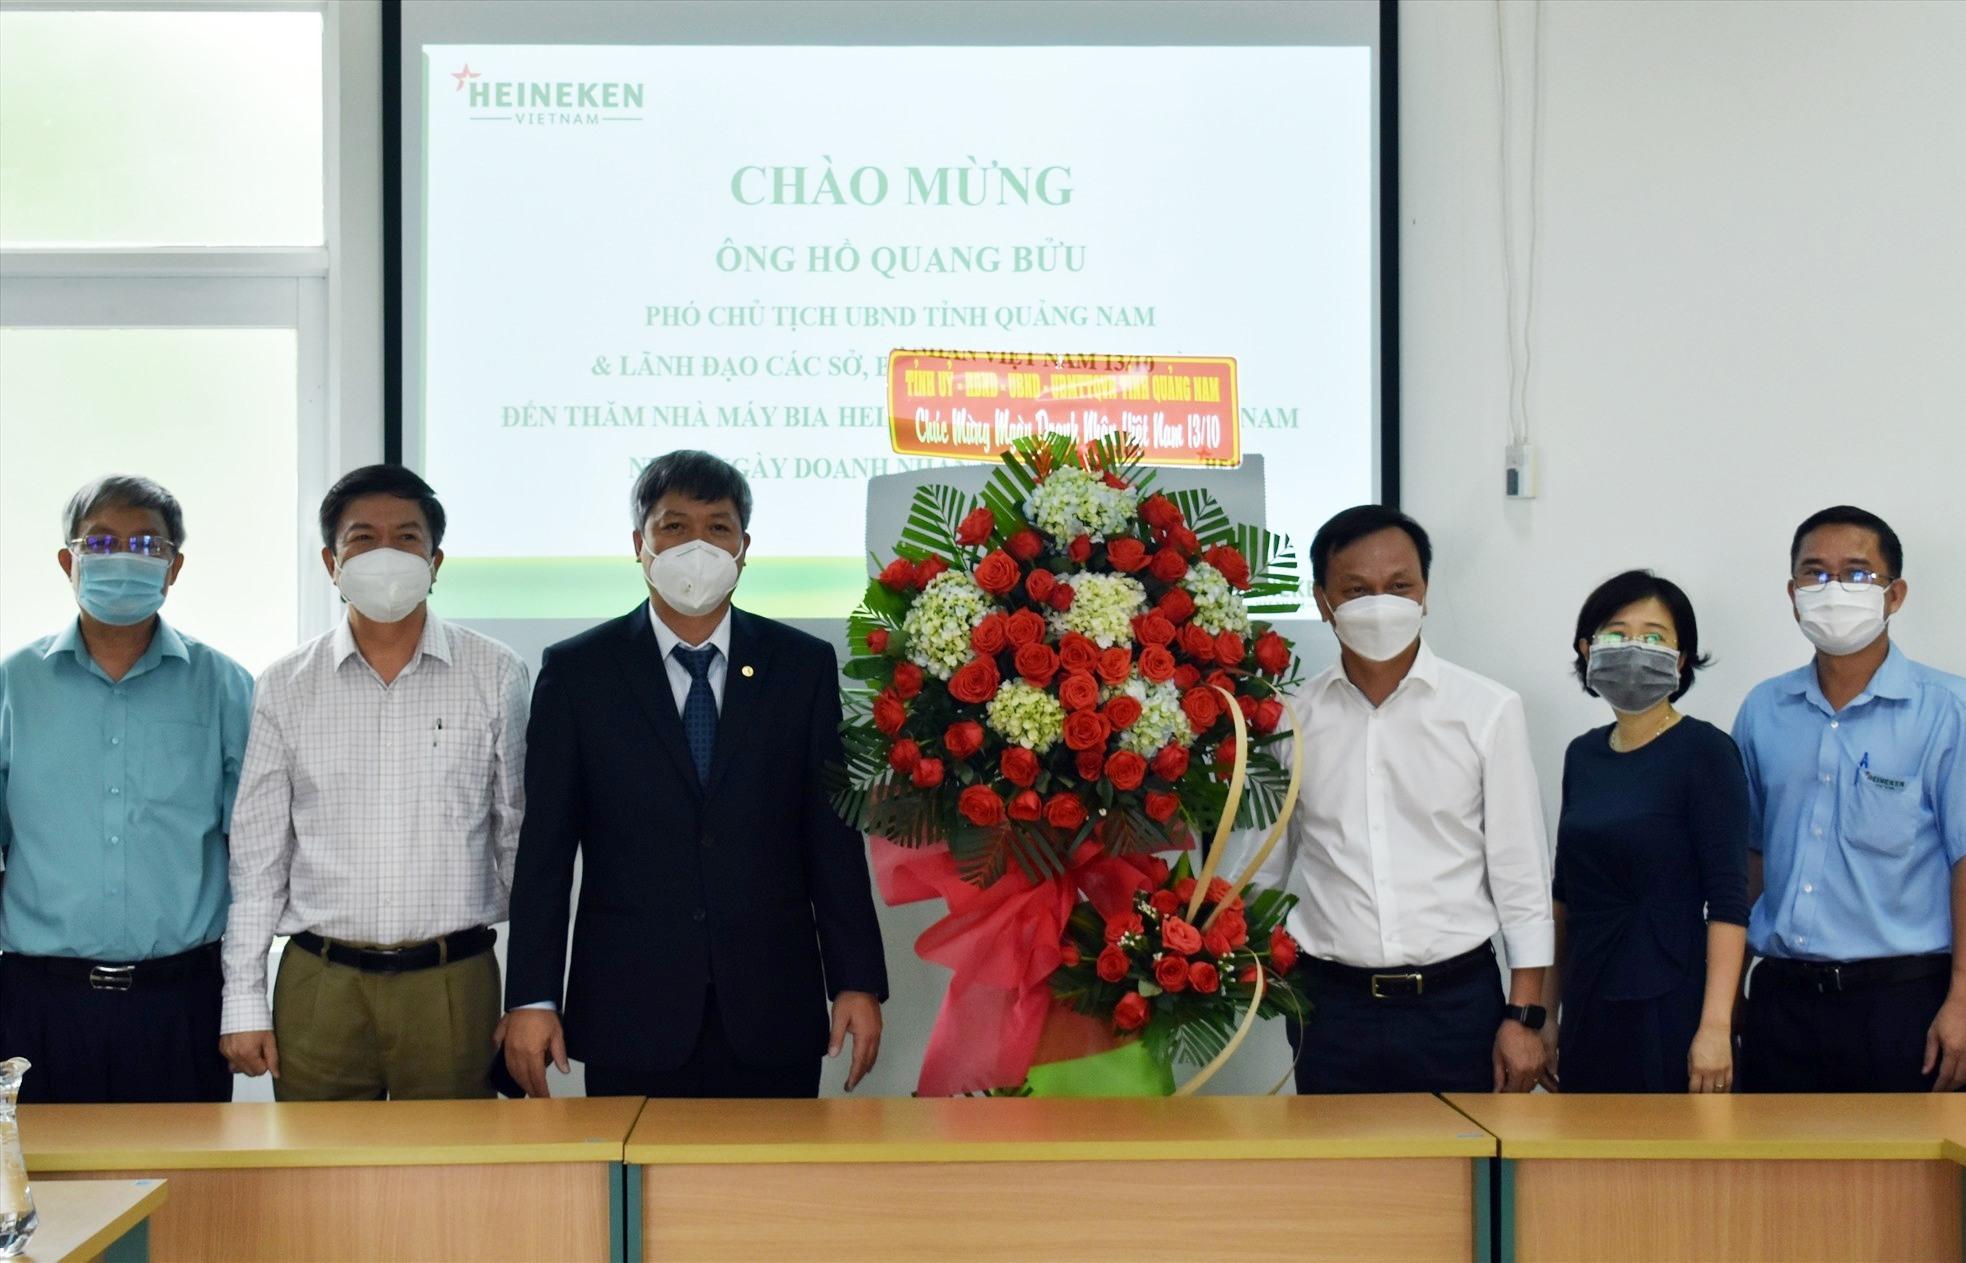 Phó Chủ tịch UBND tỉnh Hồ Quang Bửu tặng hoa chúc mừng Ngày Doanh nhân Việt Nam cho đại diện Nhà máy bía Heineken Việt Nam - Ảnh: V.L